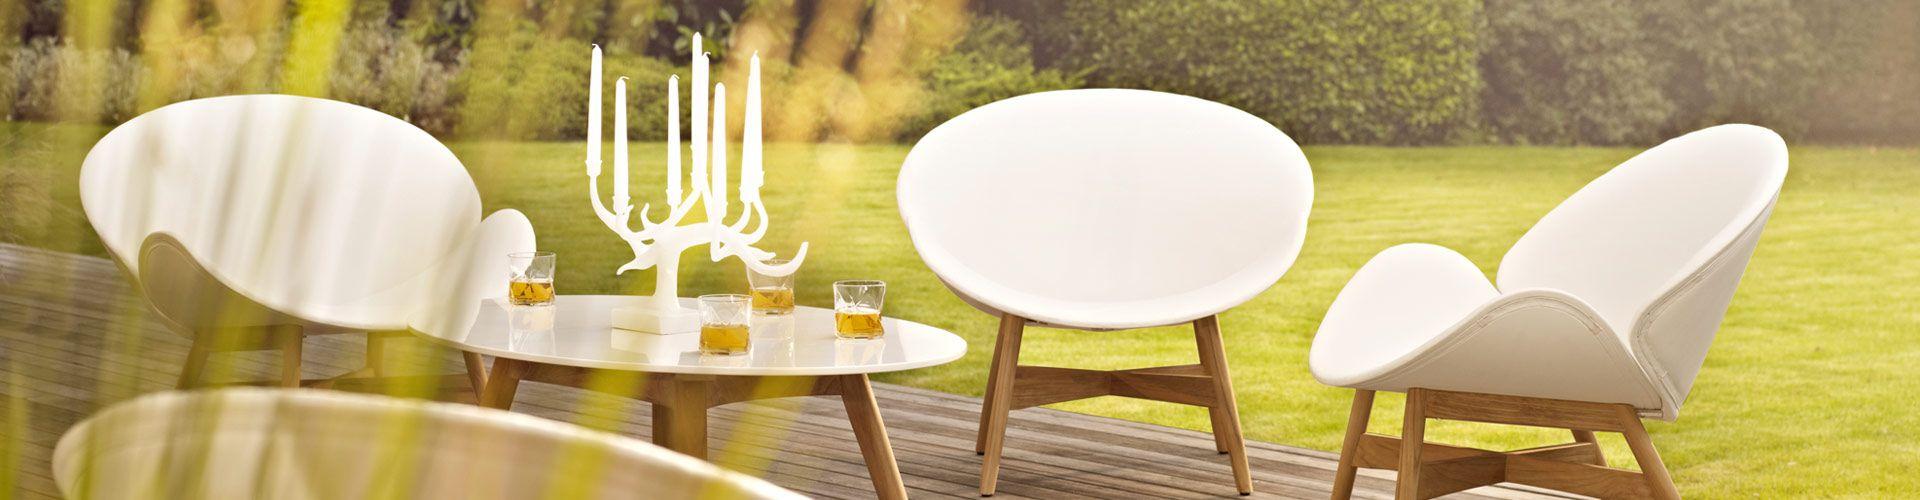 Mobilier de jardin de marque 5 minutes de geneve d coration design et contemporaine for Marque mobilier de jardin